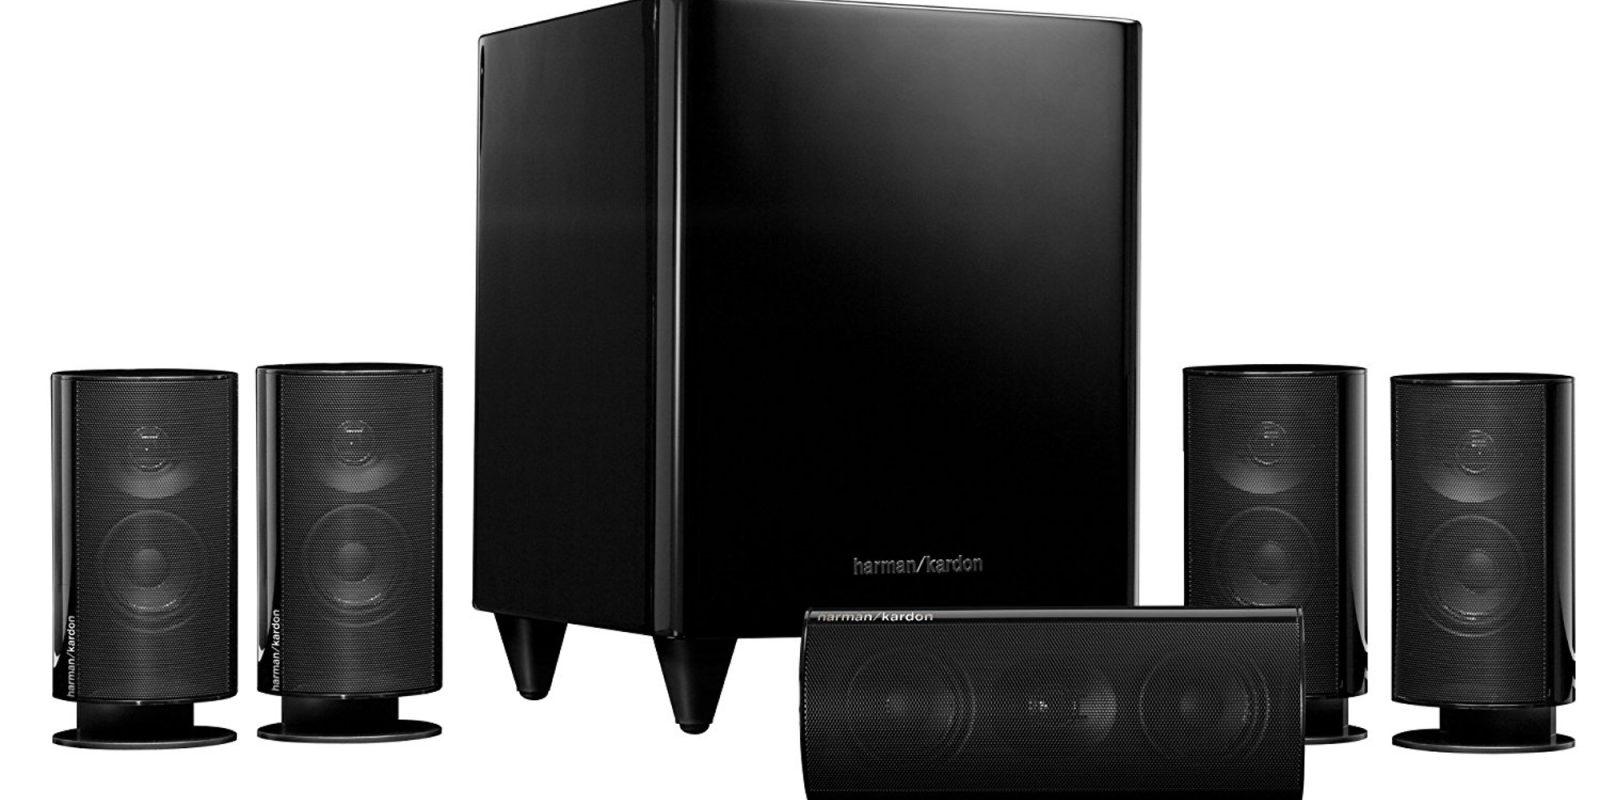 harman kardon 39 s hkts 15 5 1 ch speaker system falls to. Black Bedroom Furniture Sets. Home Design Ideas